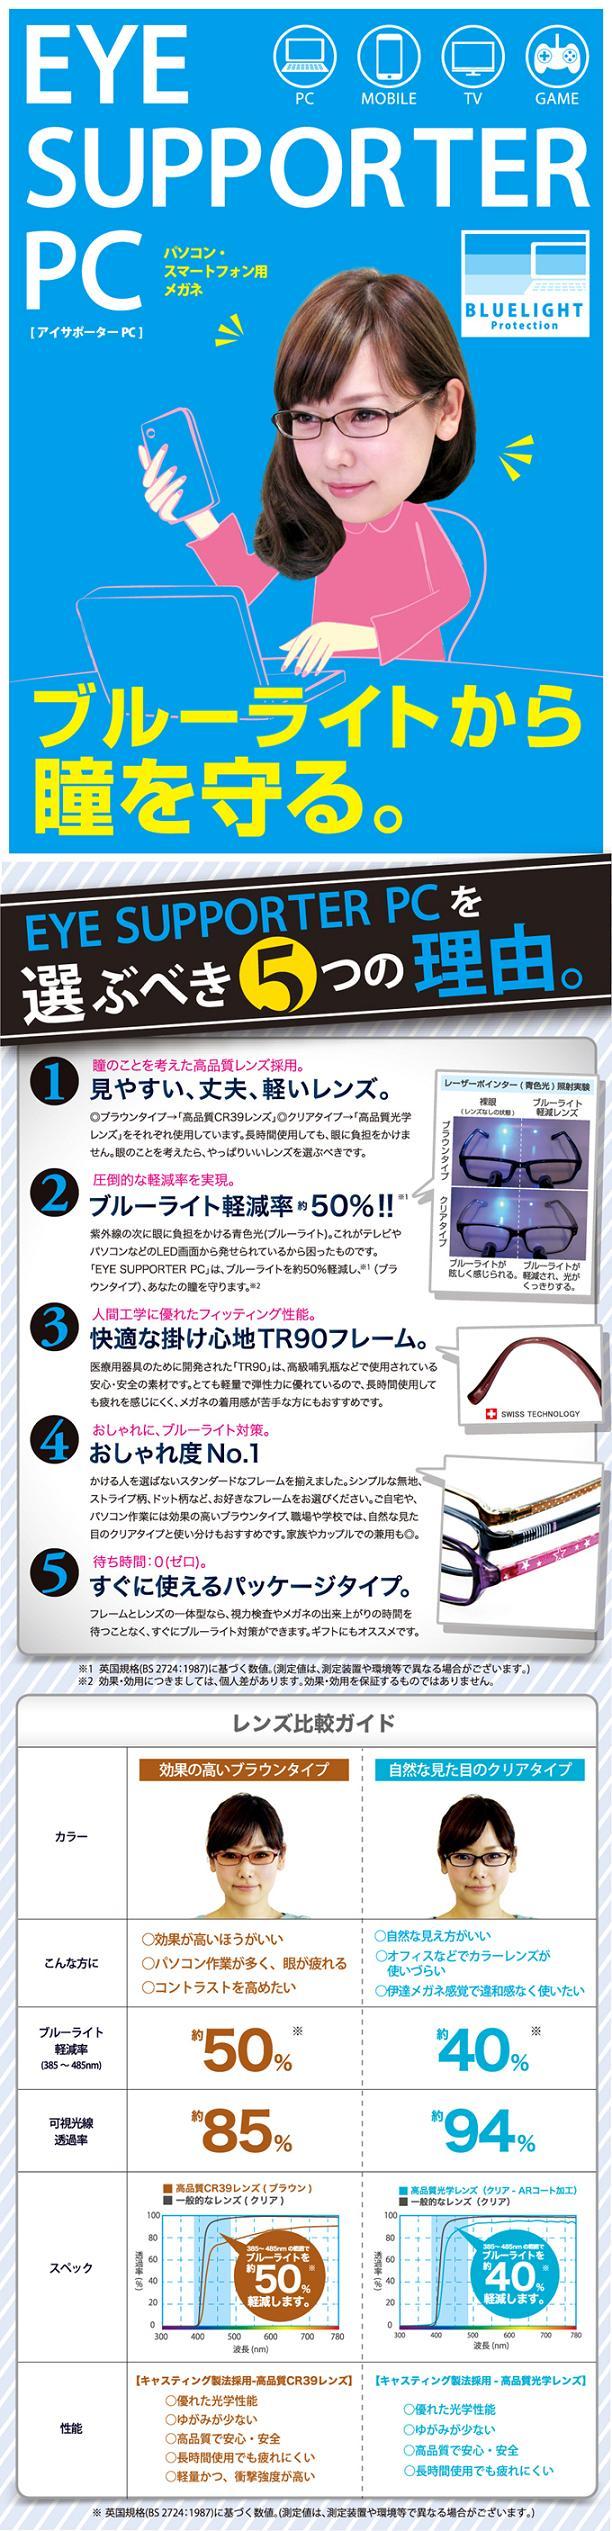 PCメガネのポイント